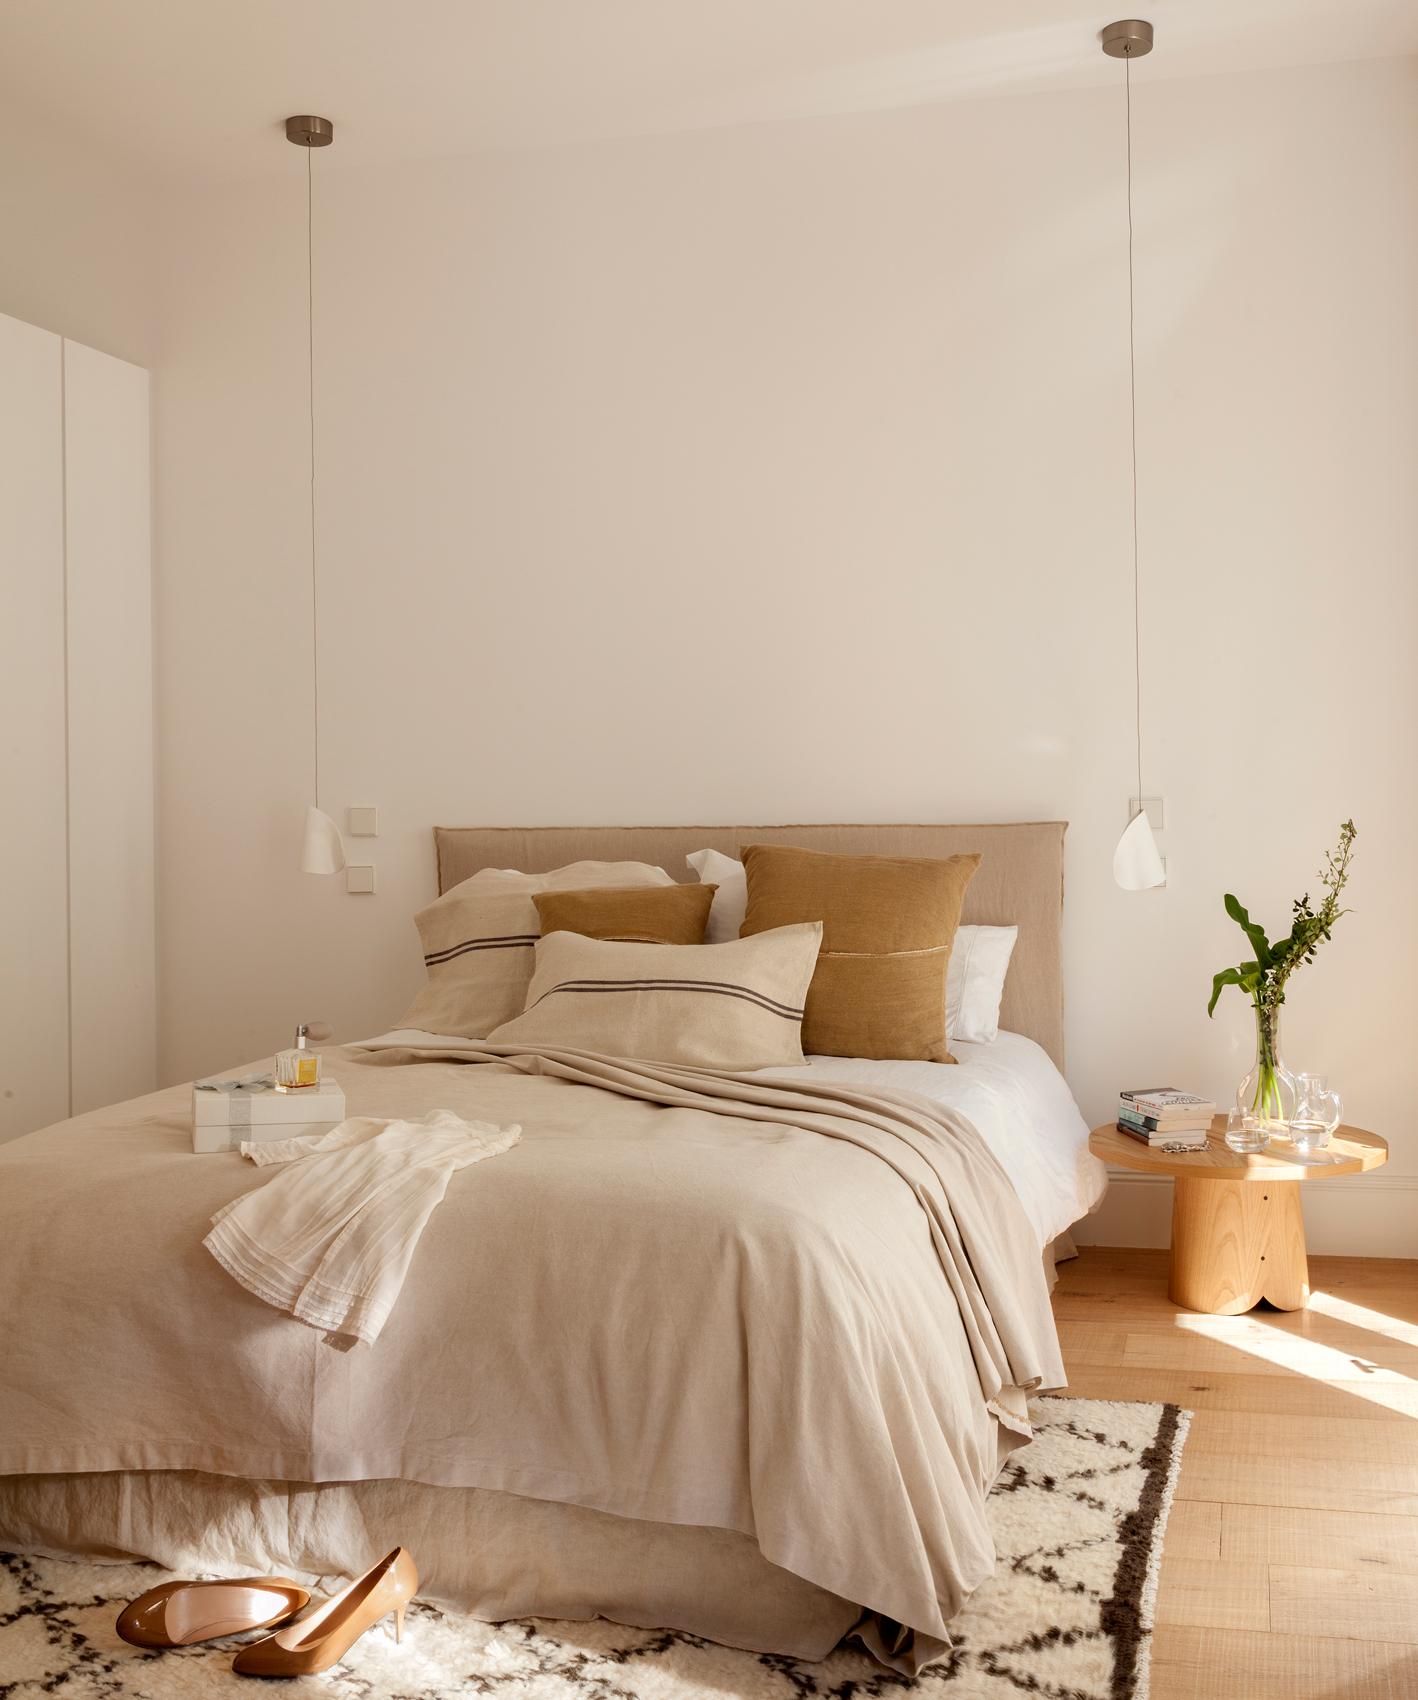 Dormitorio Contemporáneo Con Lámparas Colgantes A Ambos Lados De La Cama,  Afombra De Pelo Y